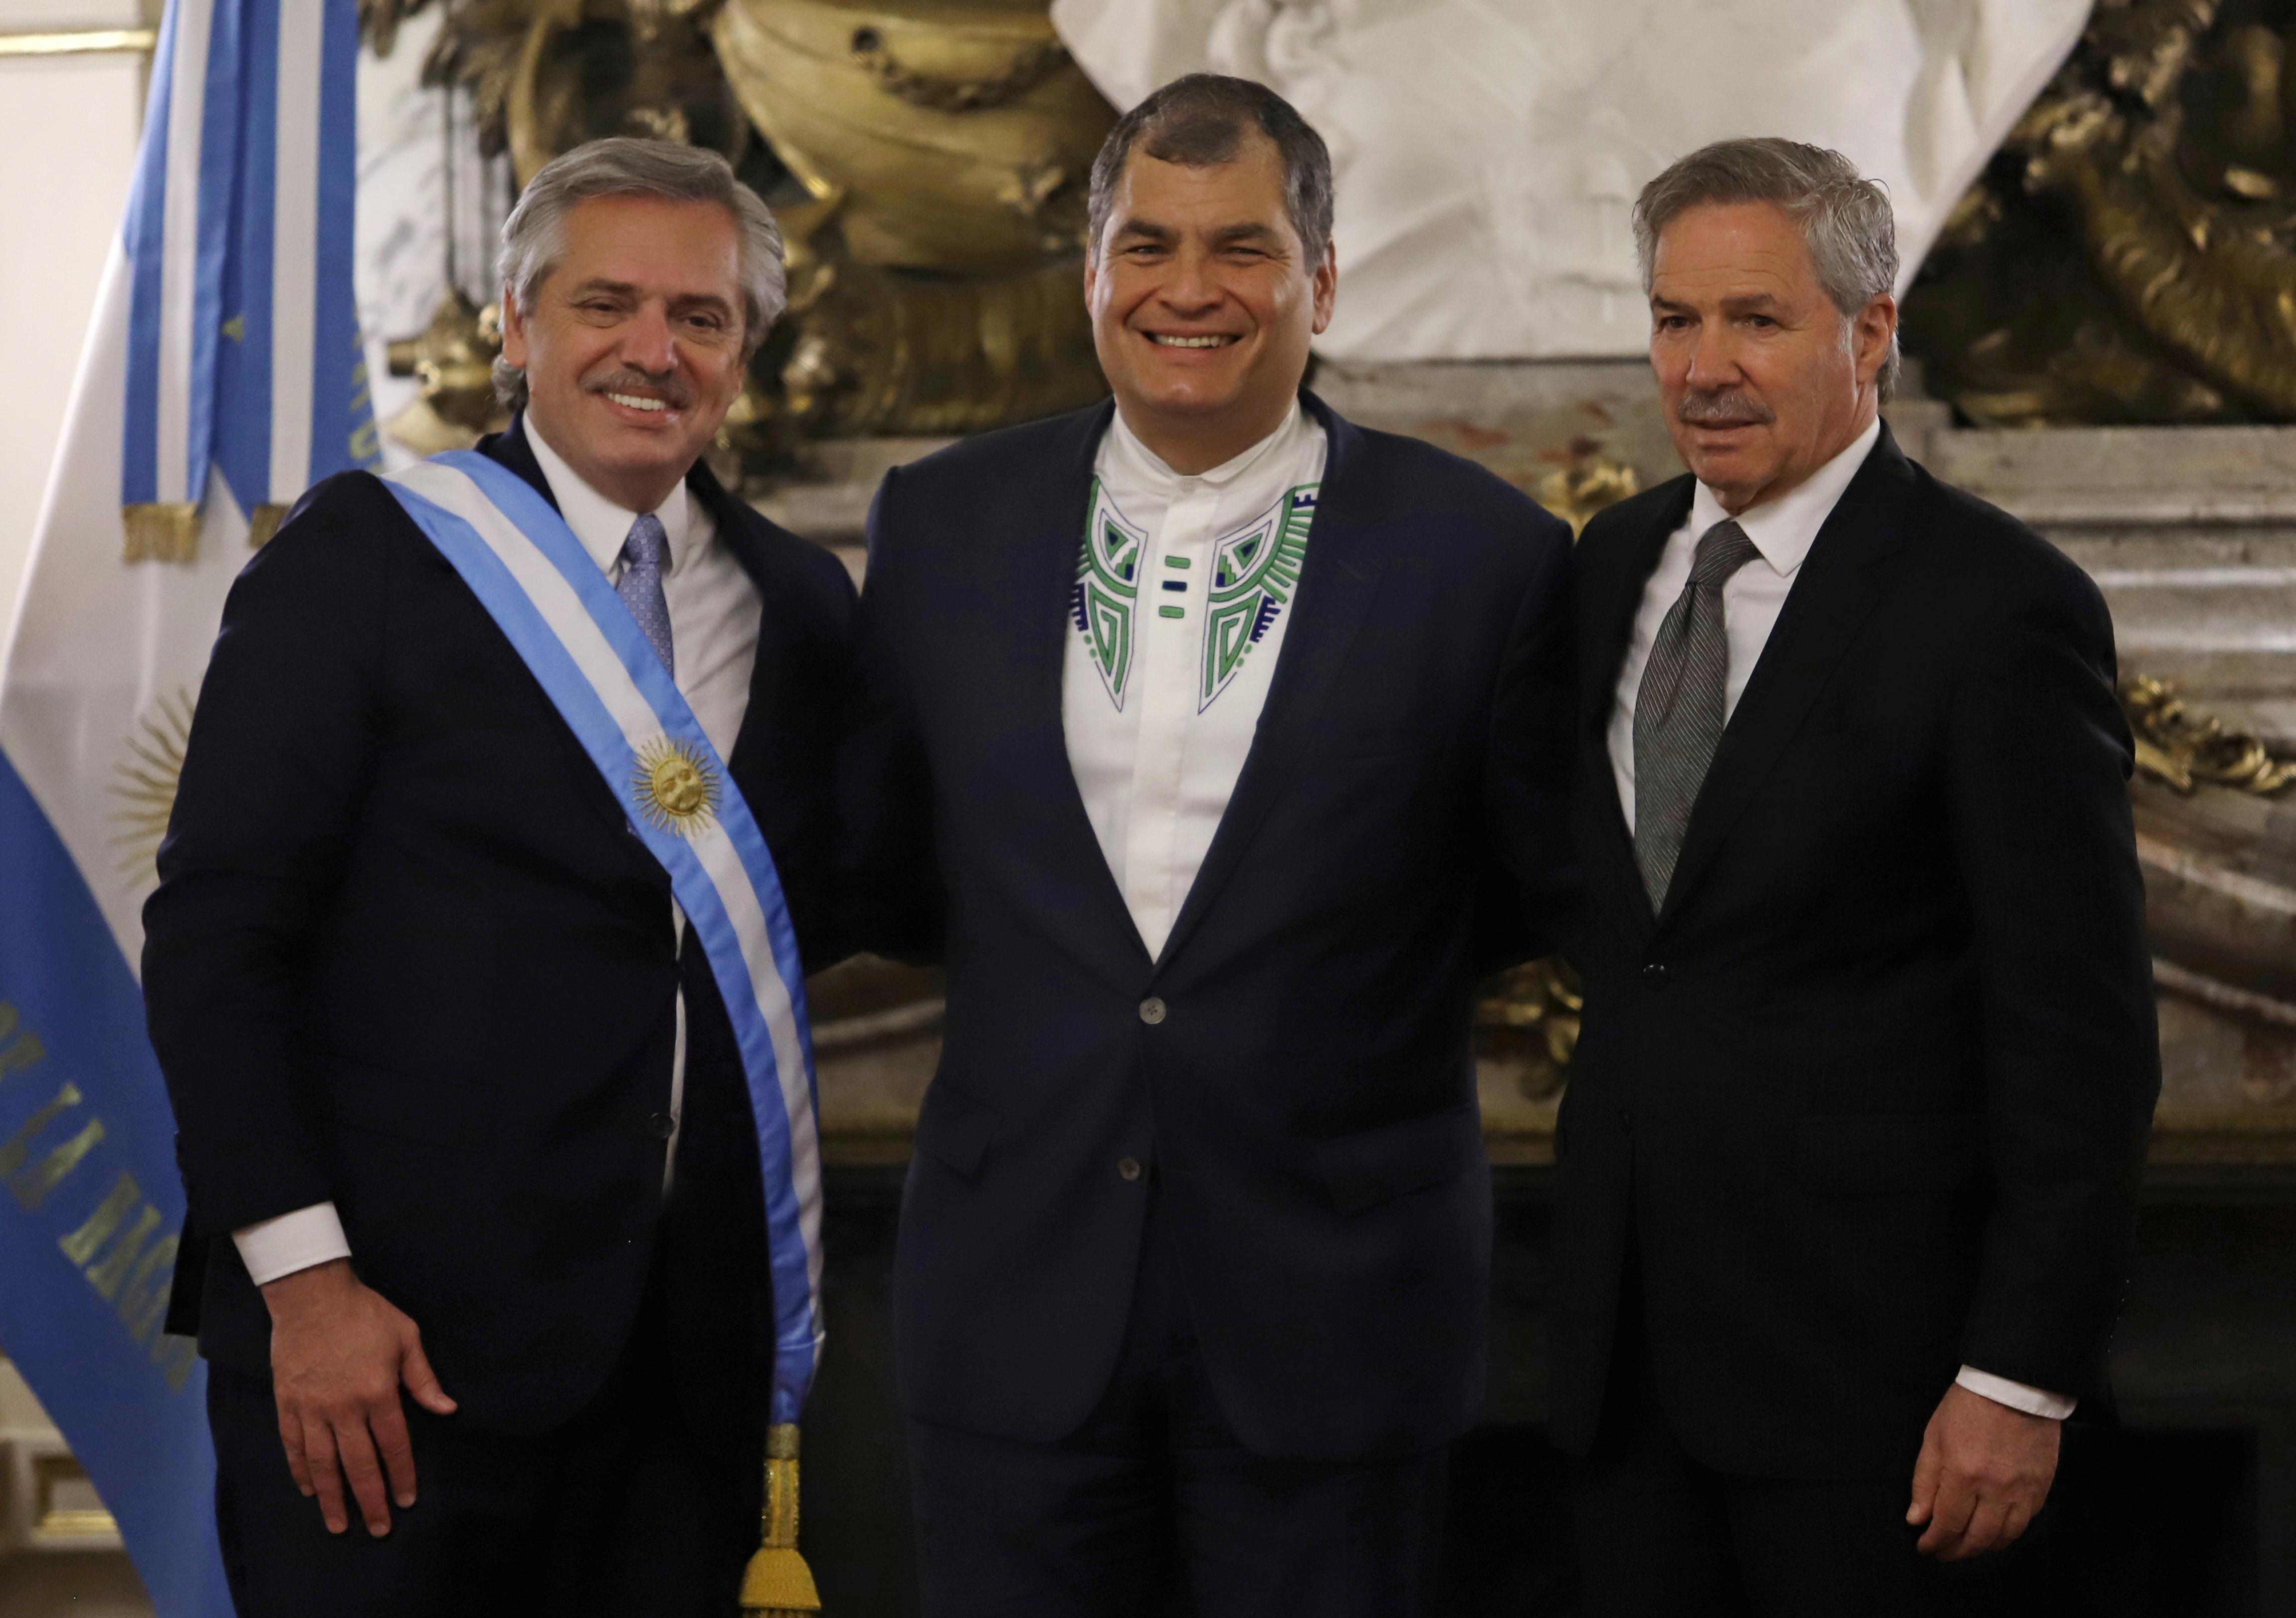 El presidente Alberto Fernández posa junto al ex mandatario de Ecuador Rafael Correa y el canciller Felipe Solá